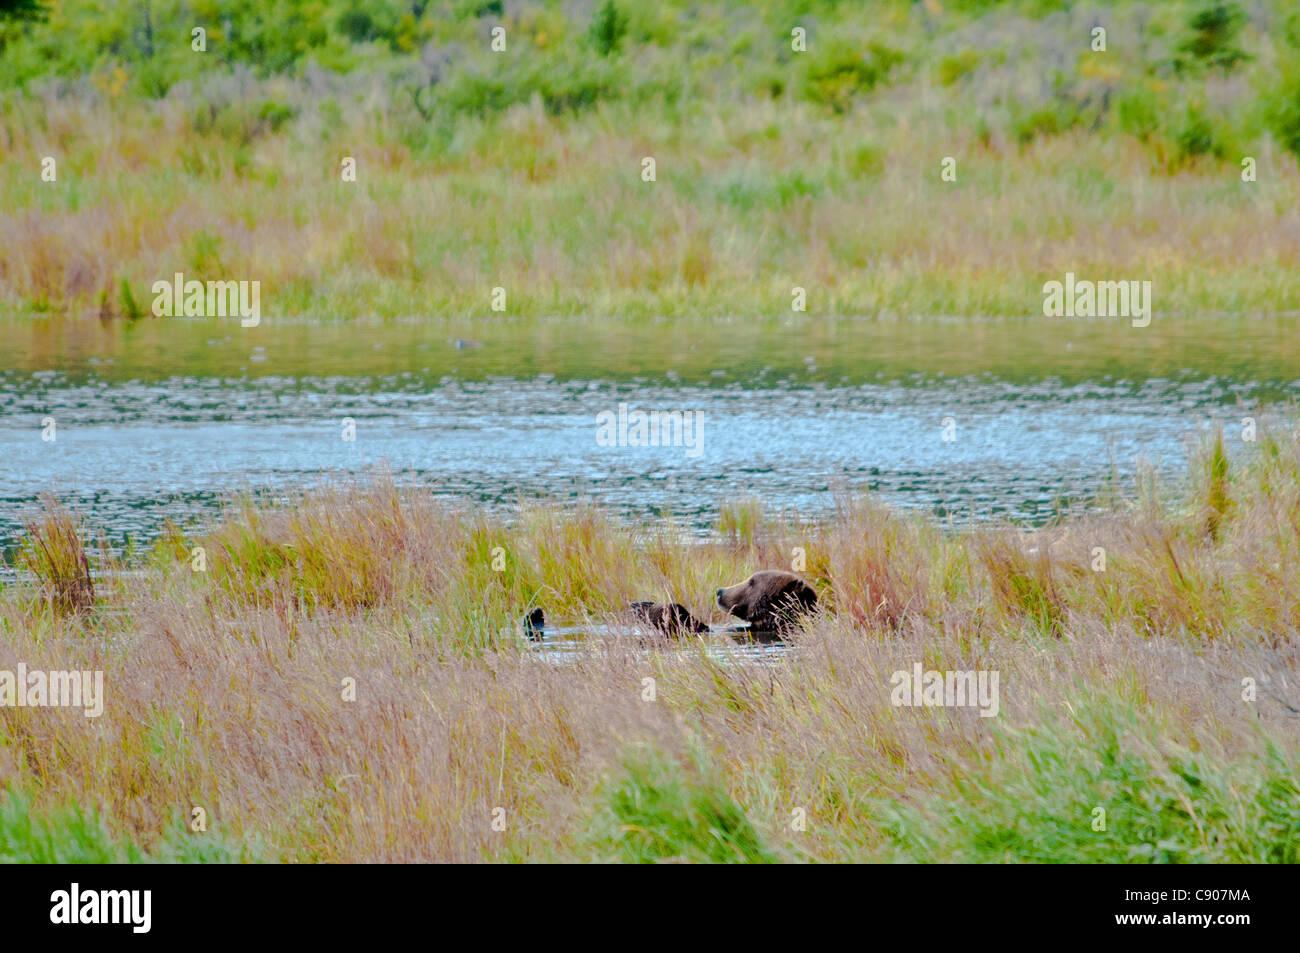 Ours brun, Ursus arctos horriblis, reposant sur le dos de la Brooks River, Katmai National Park, Alaska, USA Photo Stock